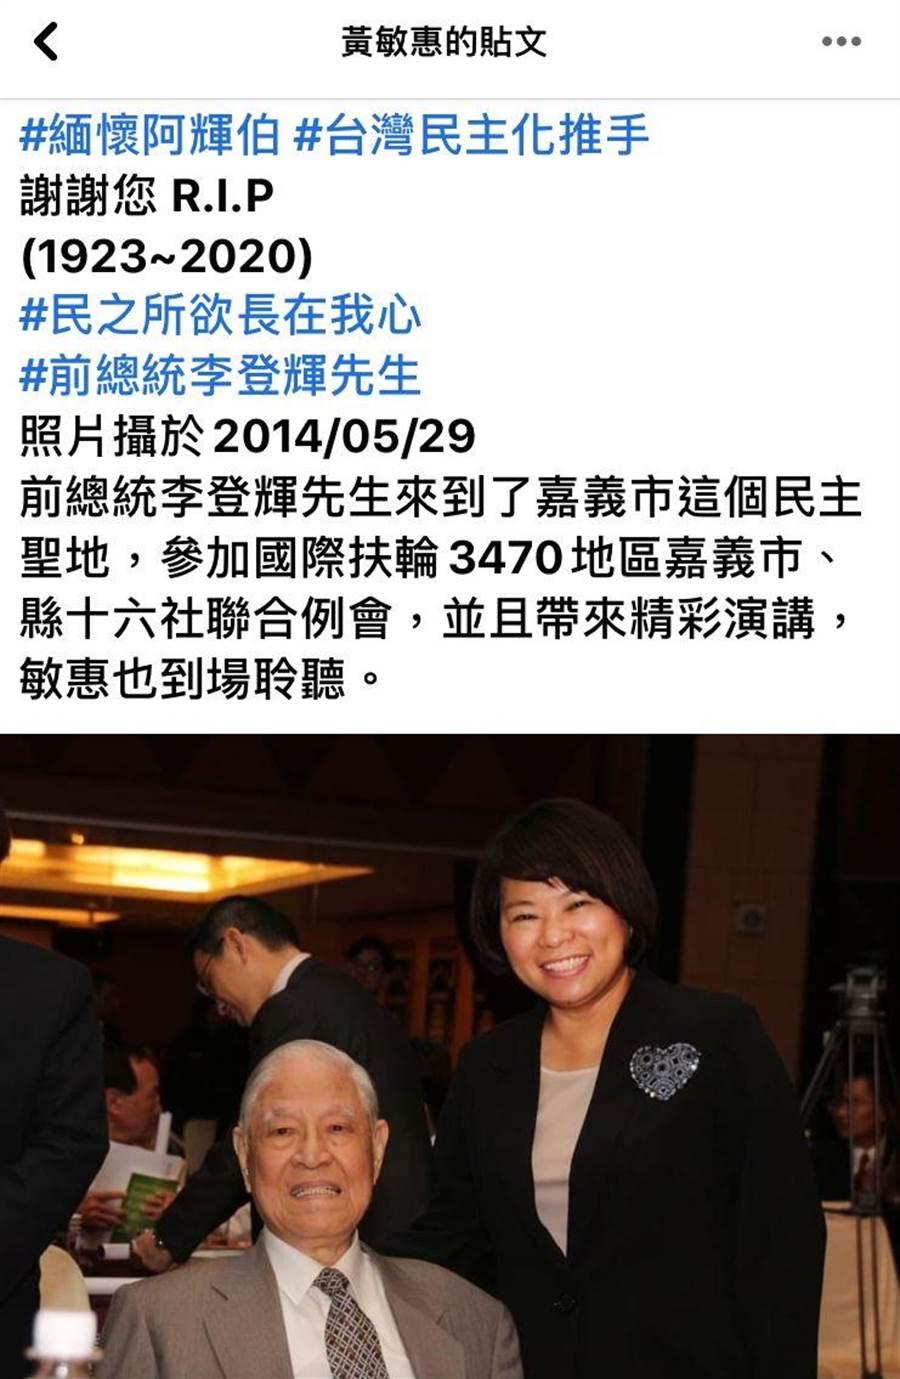 嘉義市長黃敏惠於臉書表達哀悼李登輝前總統。( 截圖自黃敏惠臉書)